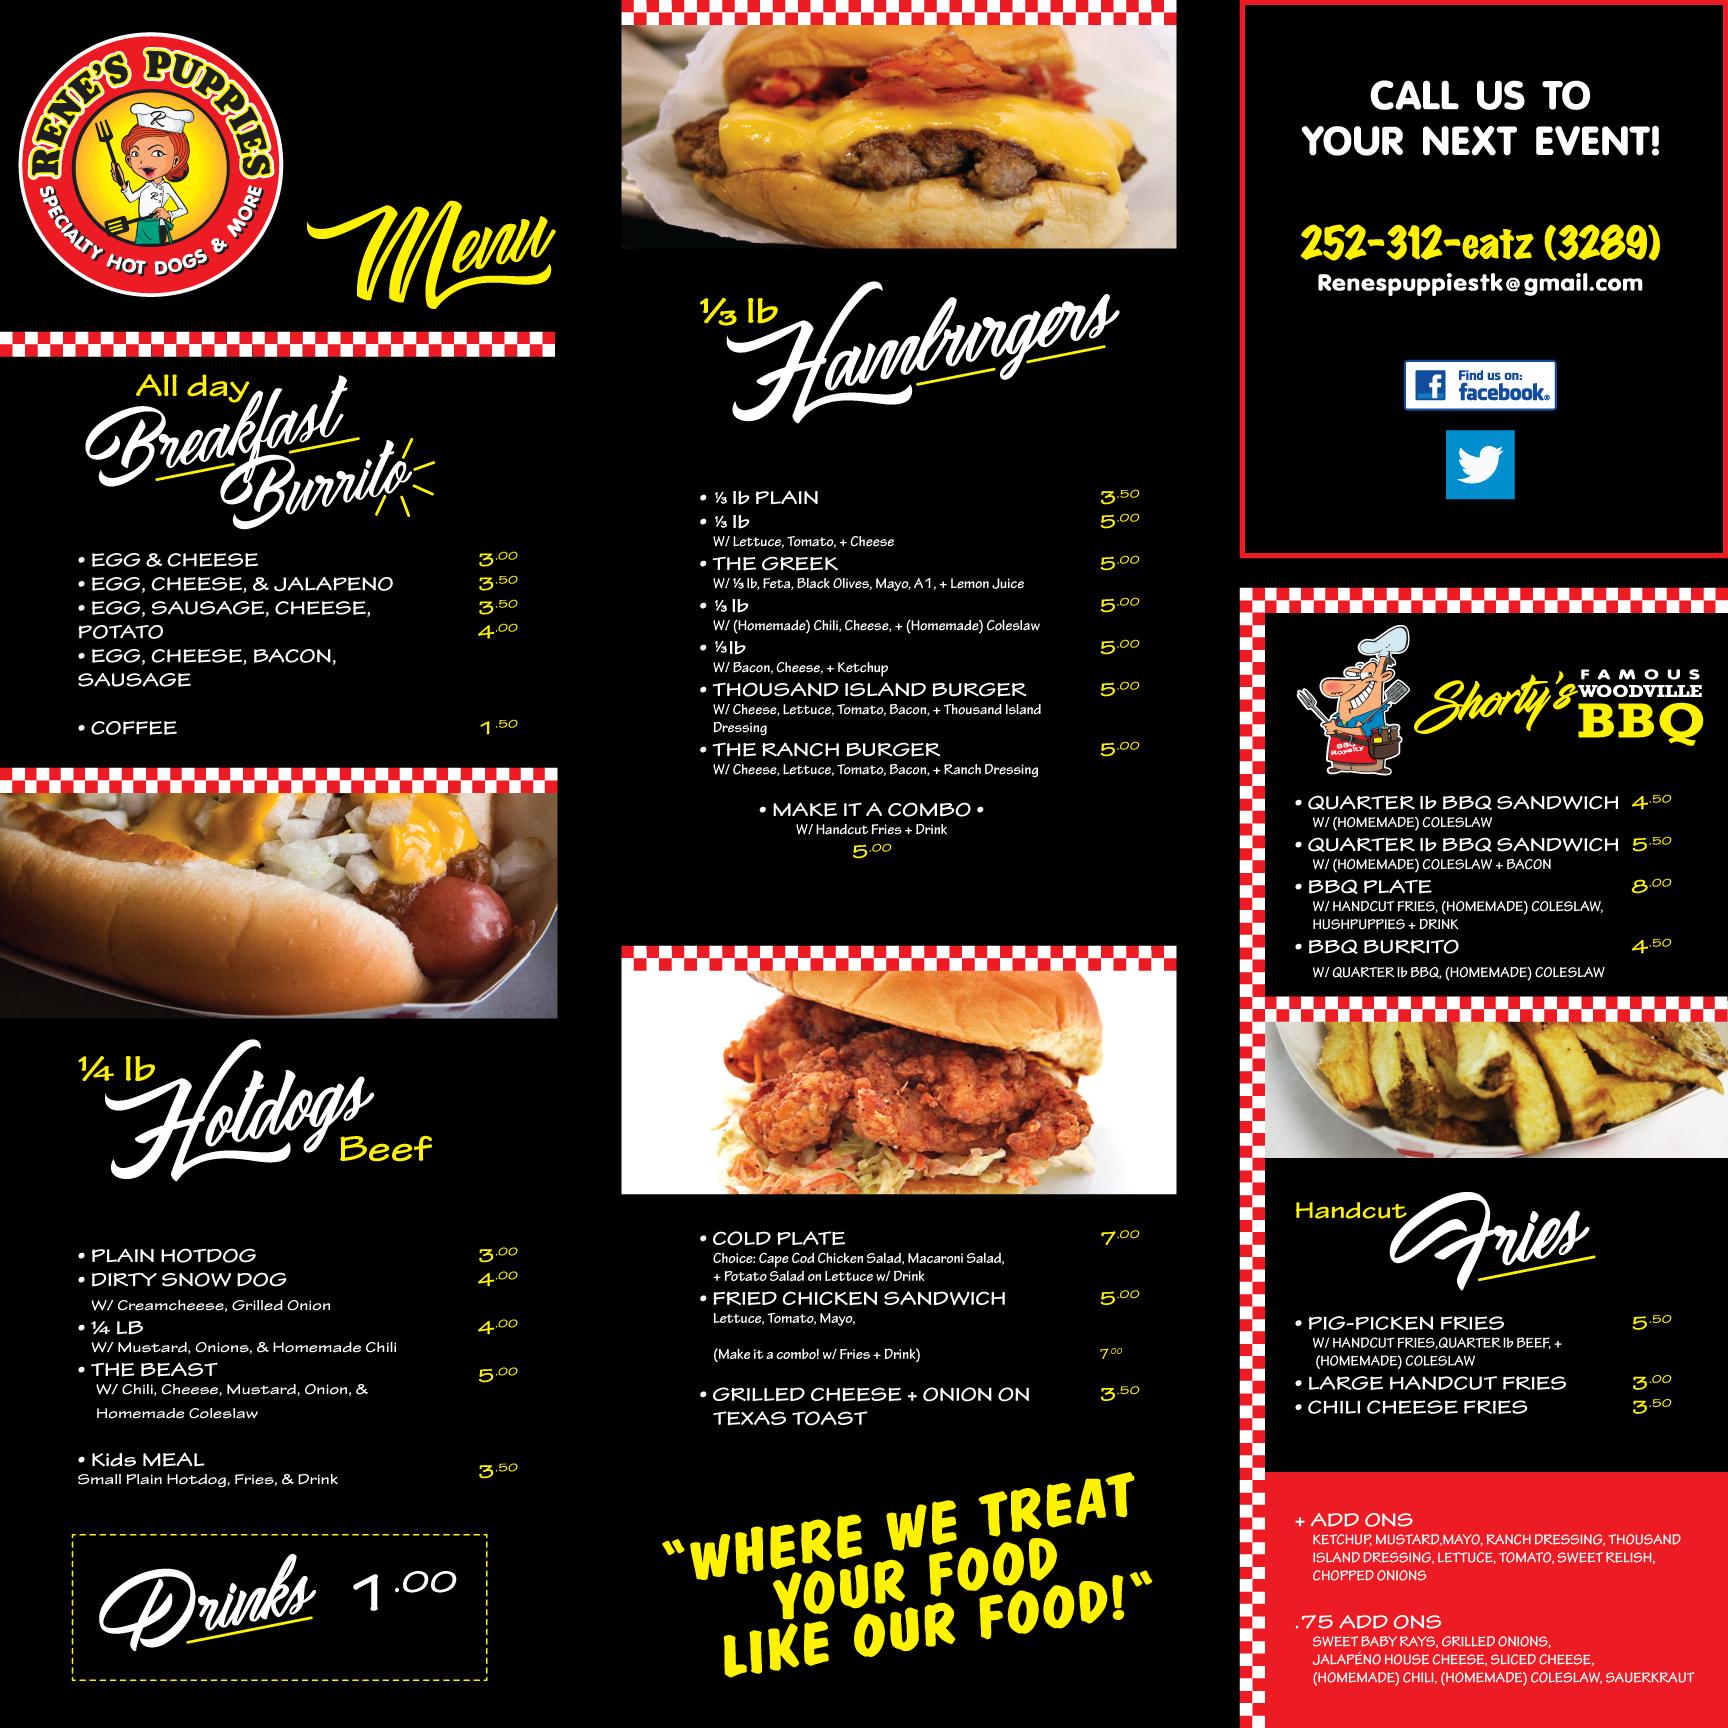 andrew nelson redondo rene s puppies food truck menu